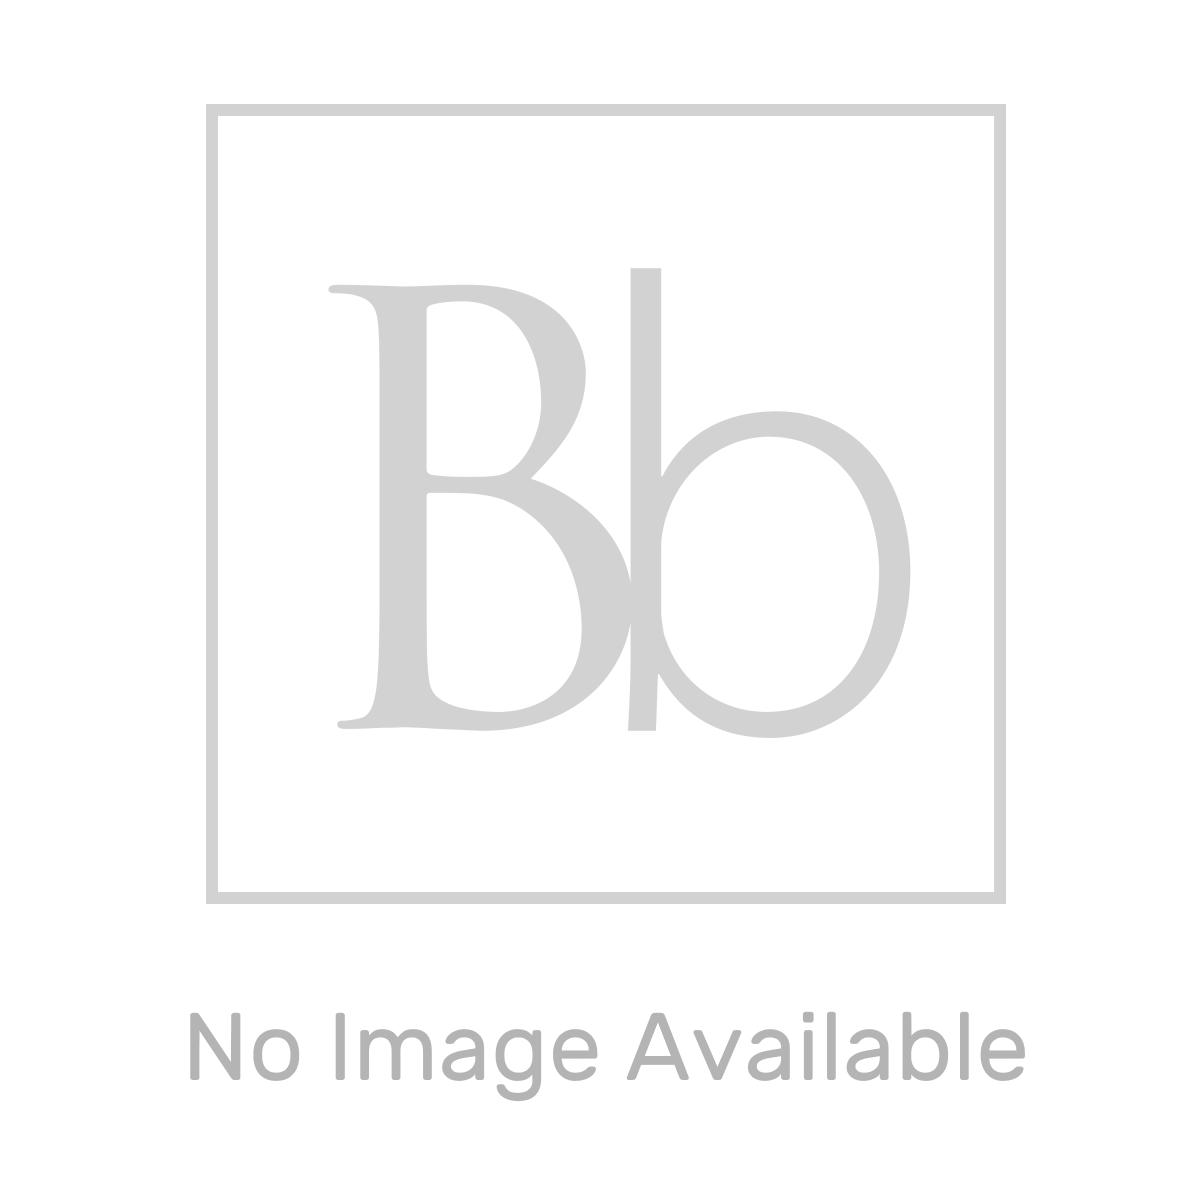 Aquadart Aqualavo White Slate Shower Tray 1400 x 760